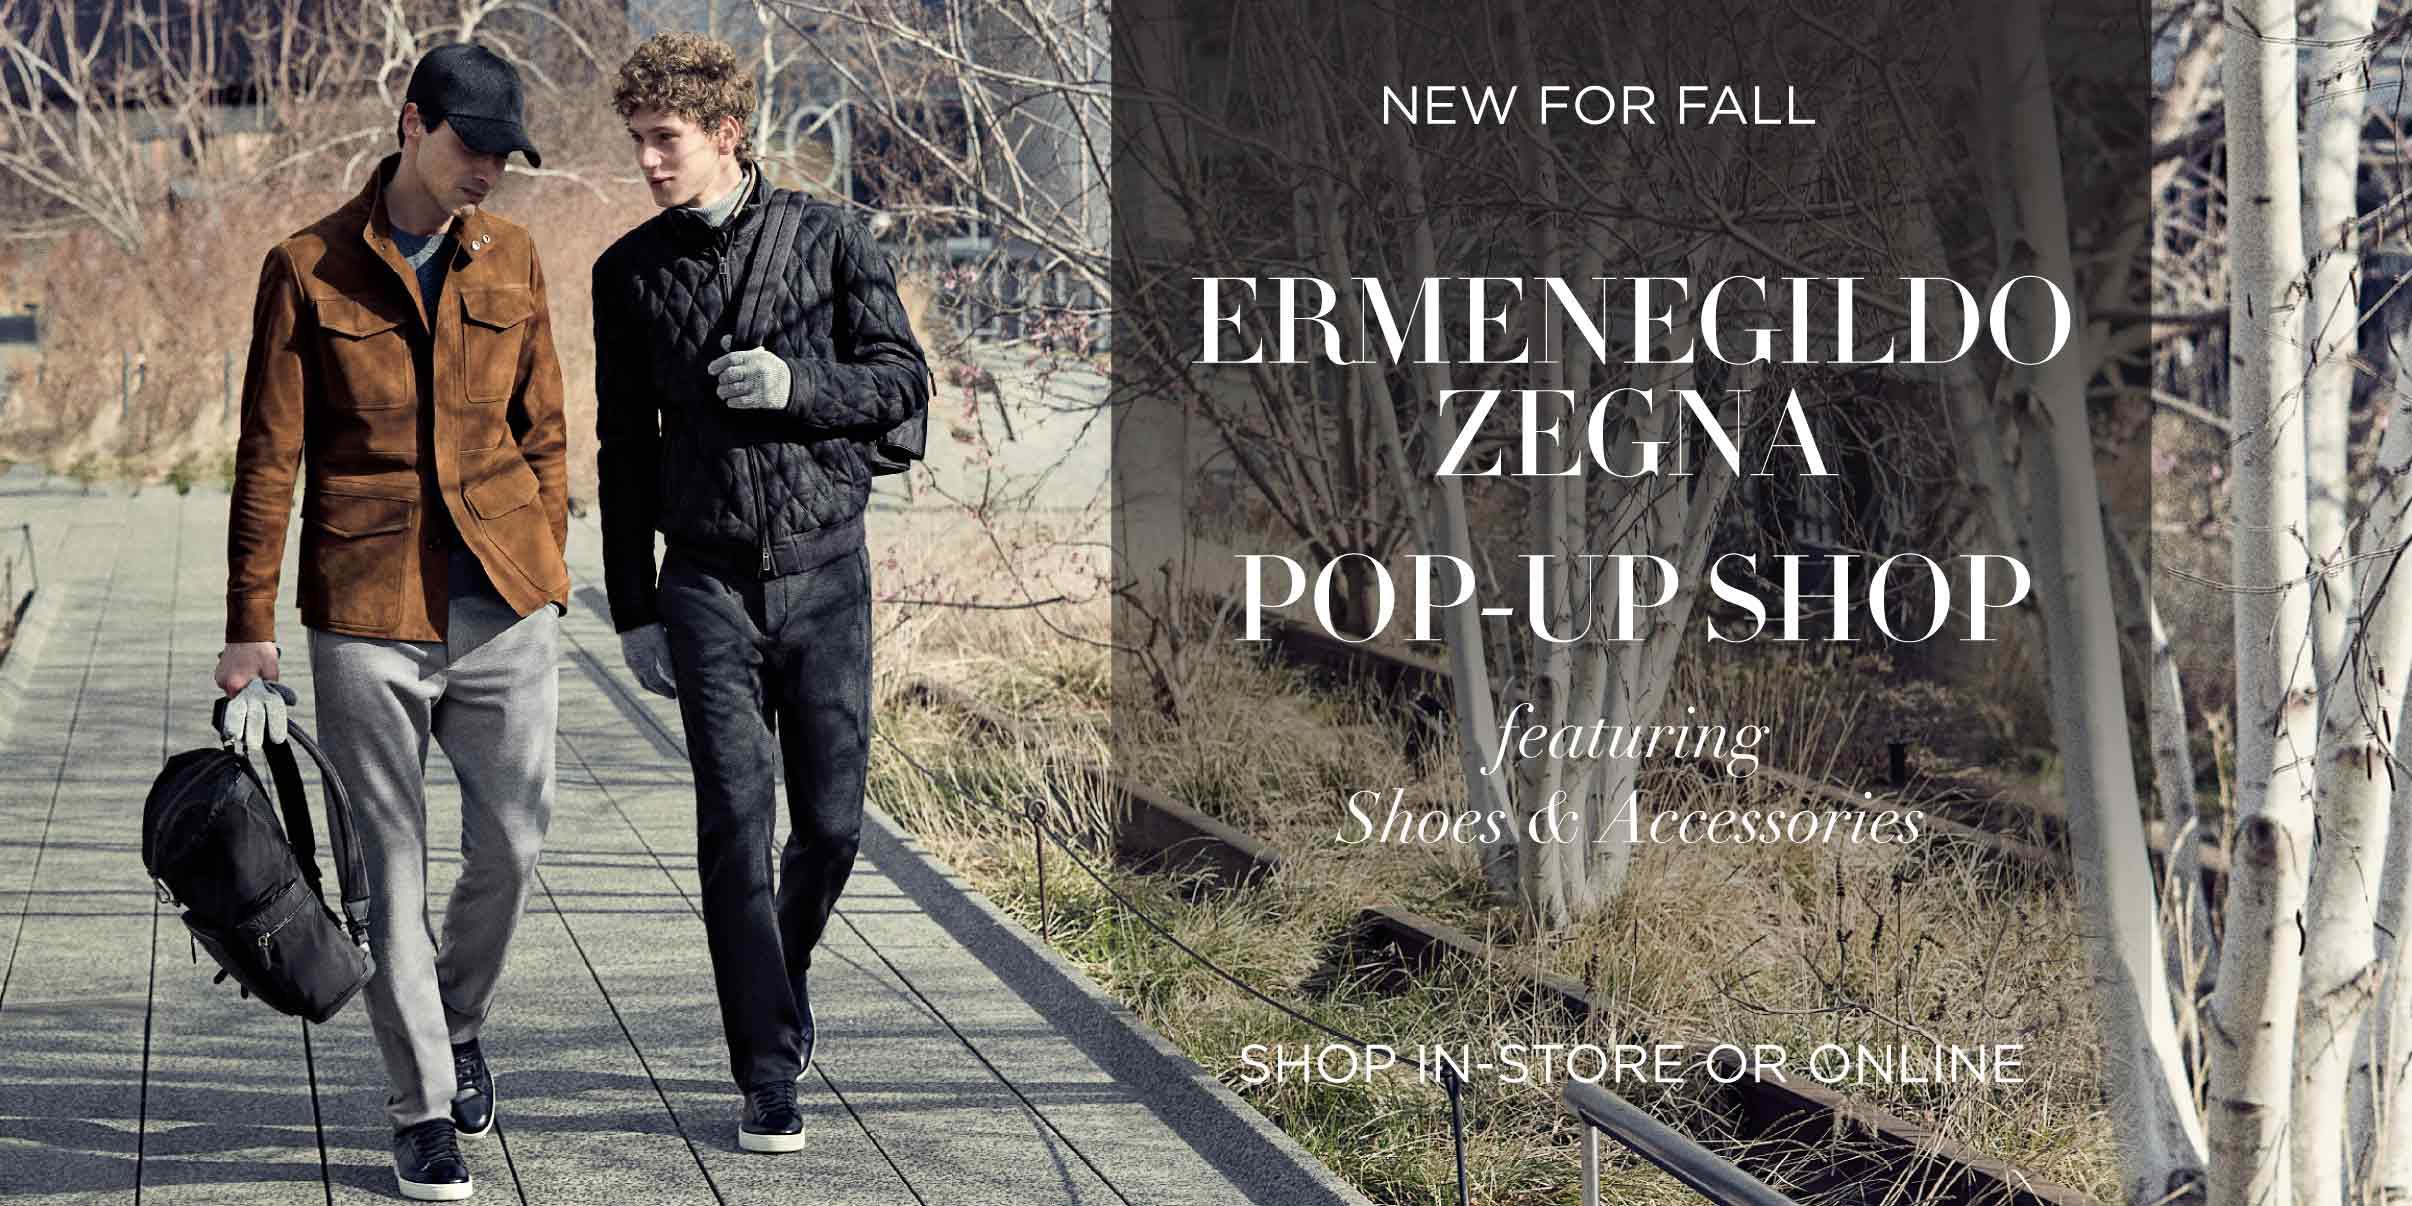 Ermenegildo Zegna Pop-Up Shop